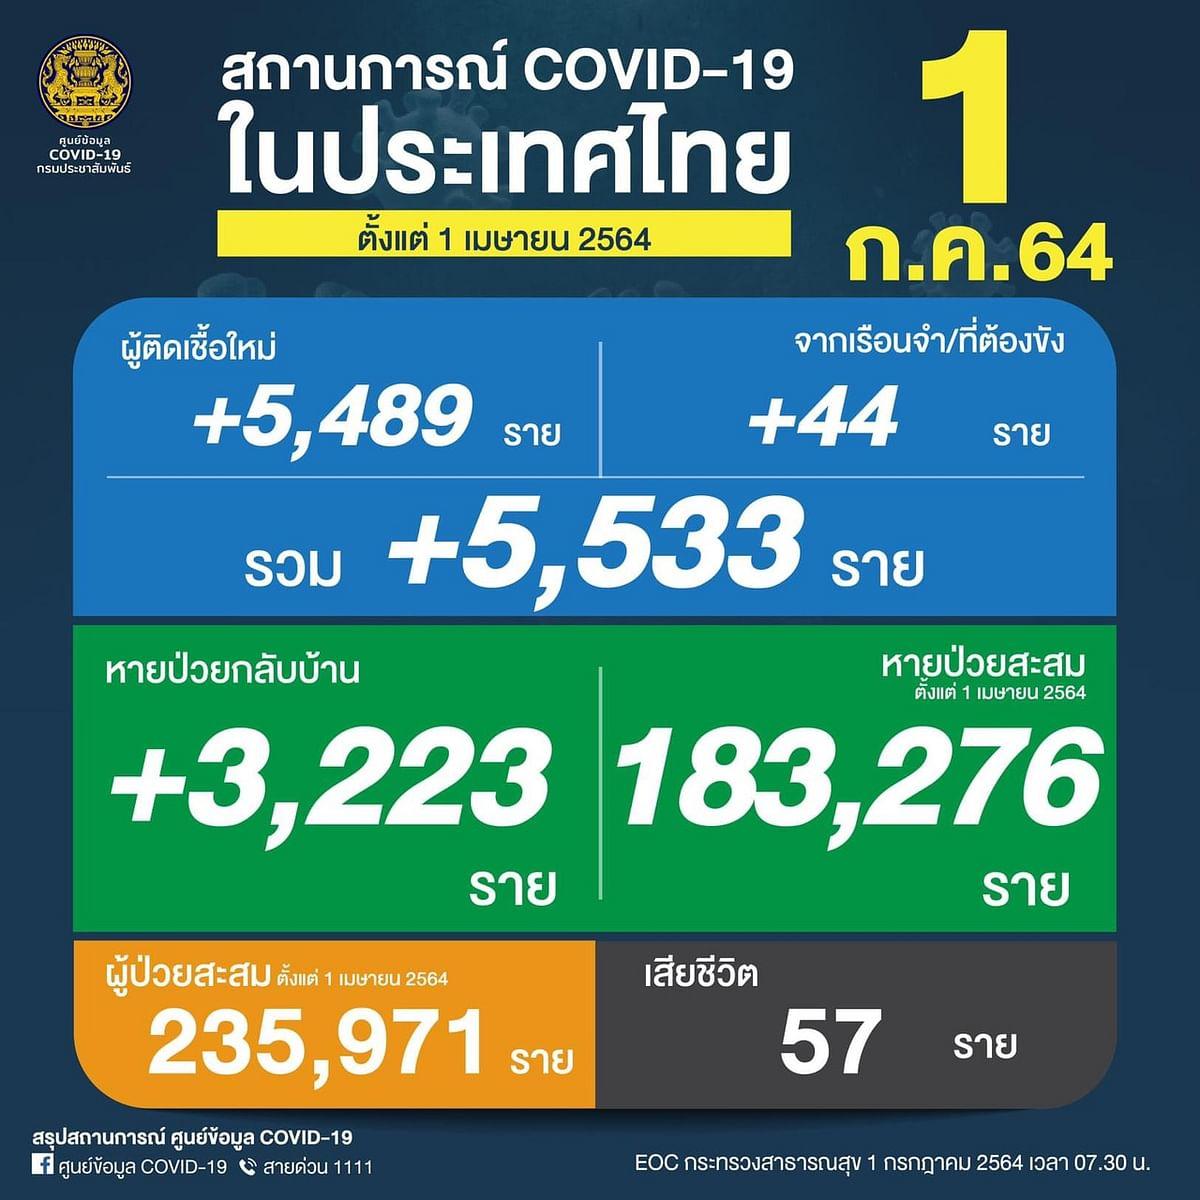 สถานการณ์ COVID-19 ในประเทศไทย วันที่ 1 กรกฏาคม 2564